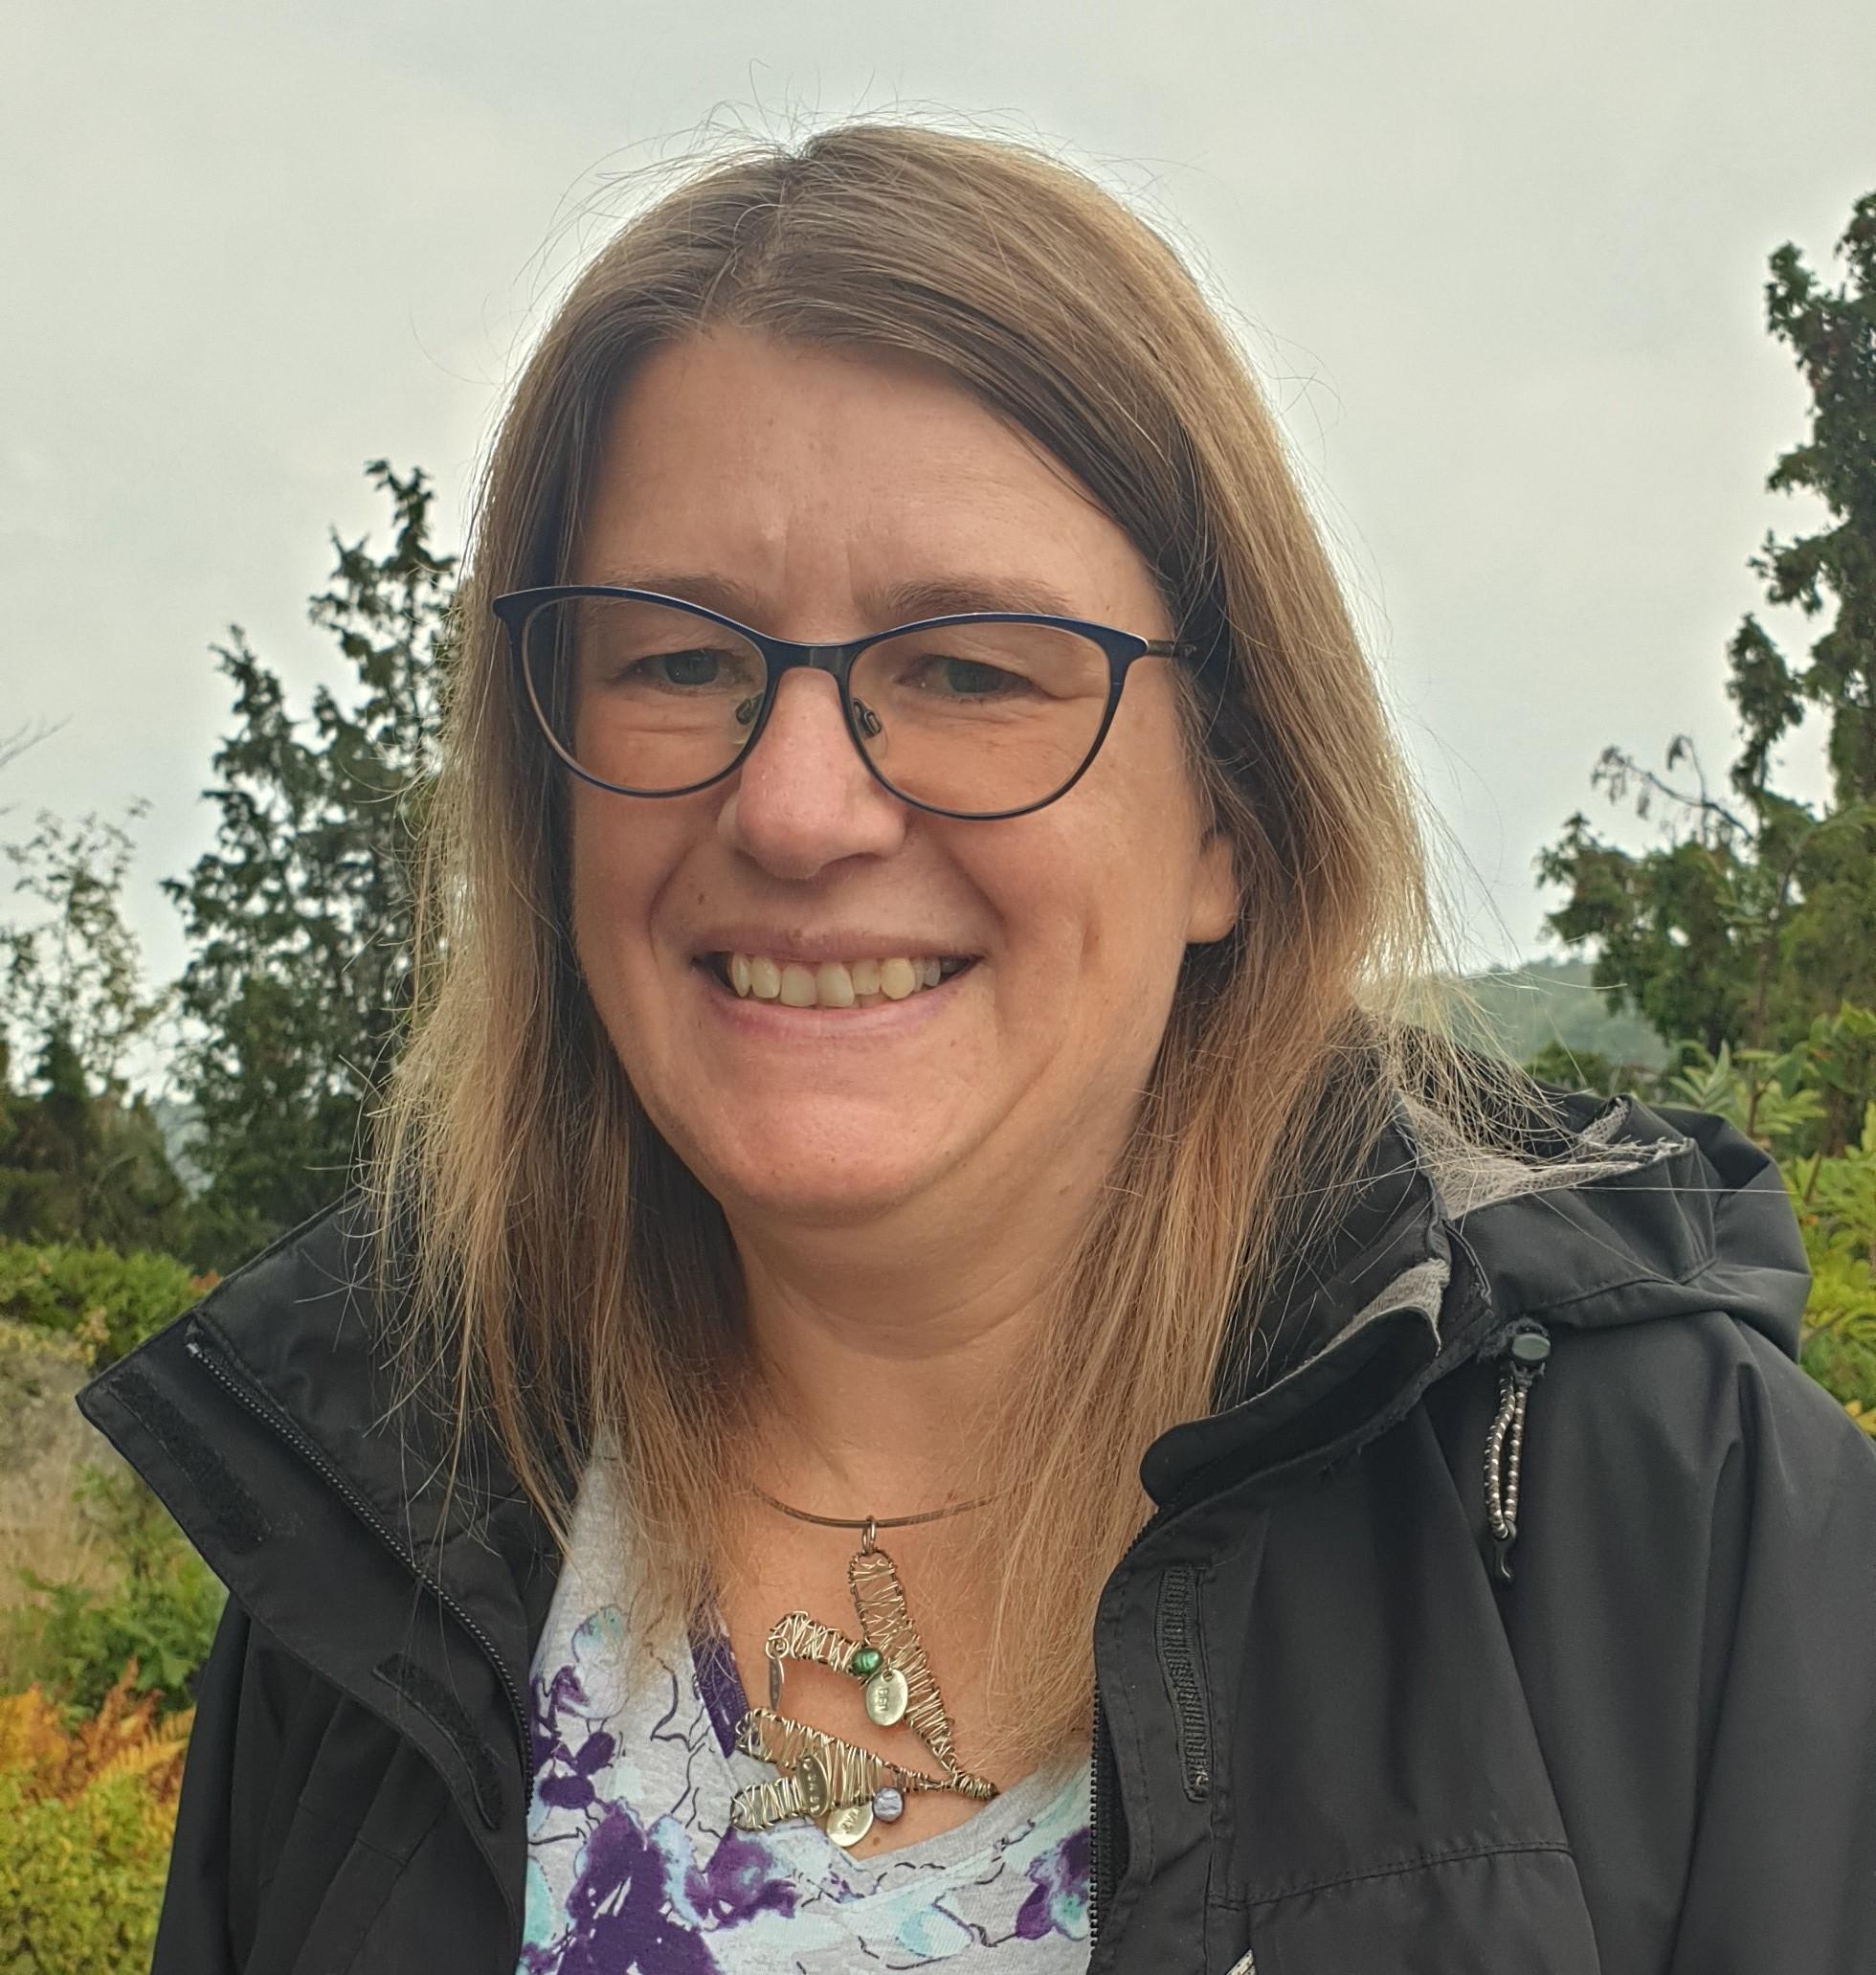 Christina Stålhandske